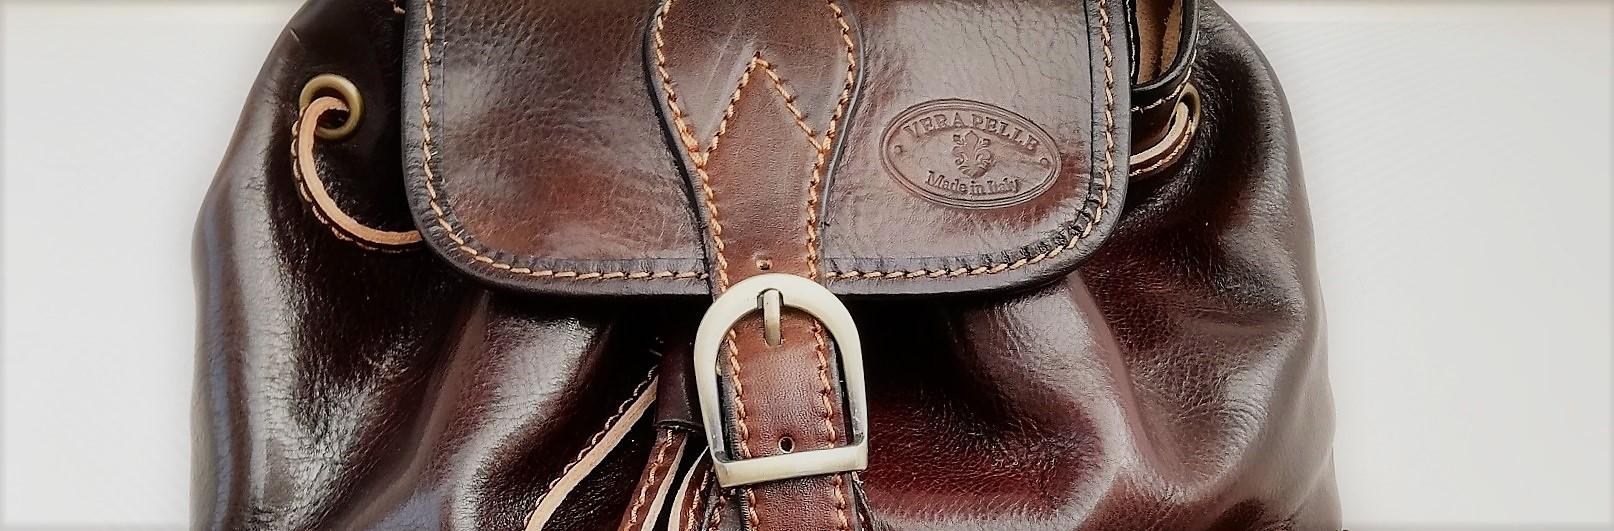 Sandali artigianali in cuoio per uomo e donna 4886602e1eb